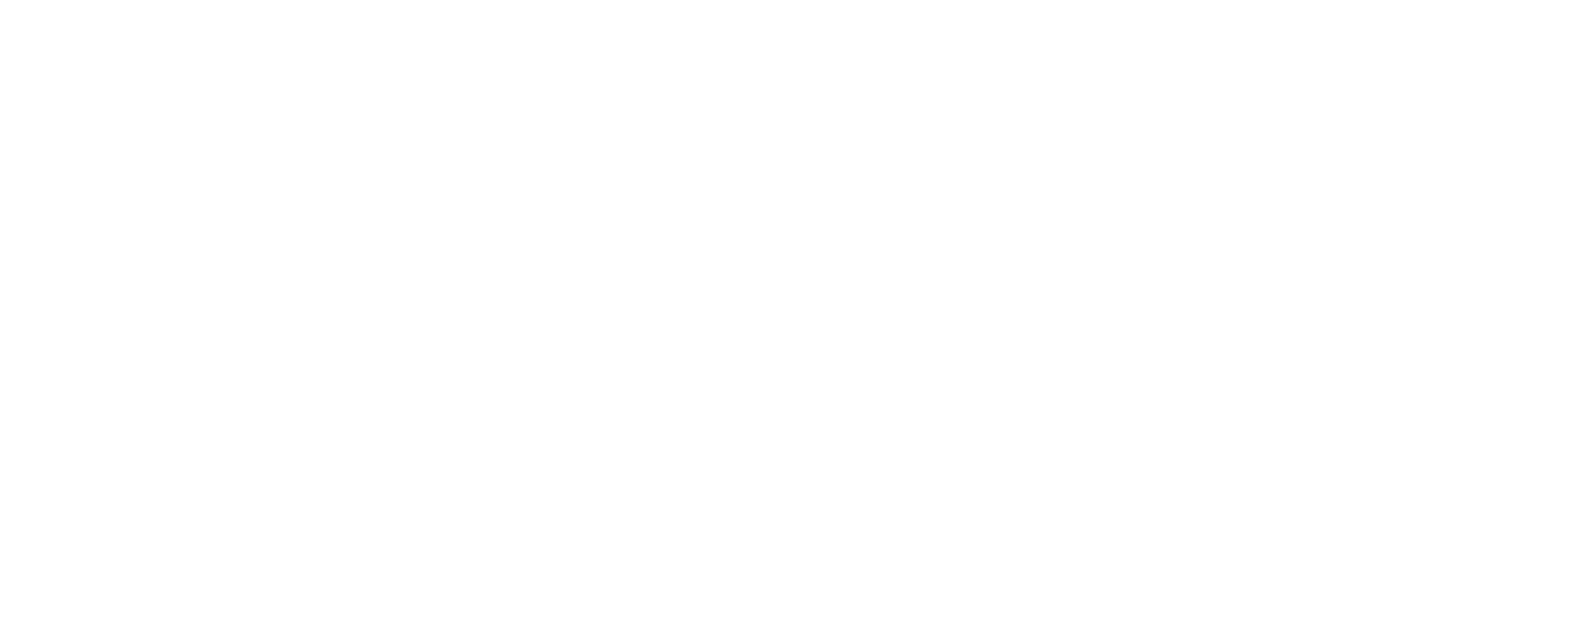 Zona logo wit